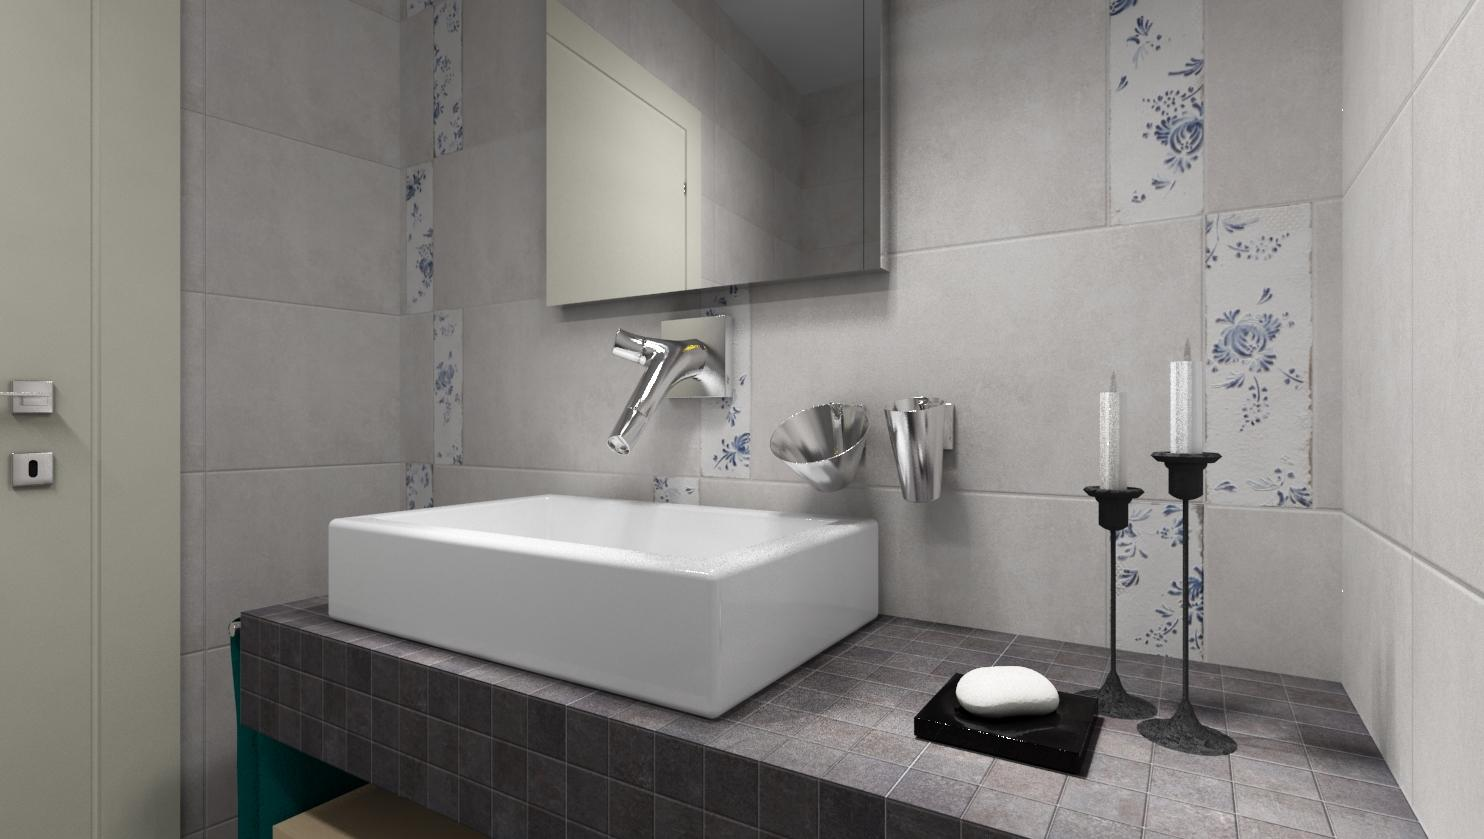 3D návrhy kúpeľní - vizualizácie - Vizualizácia kúpeľne v odtieňoch sivej s jemným modrým kvetinovým dekorom.